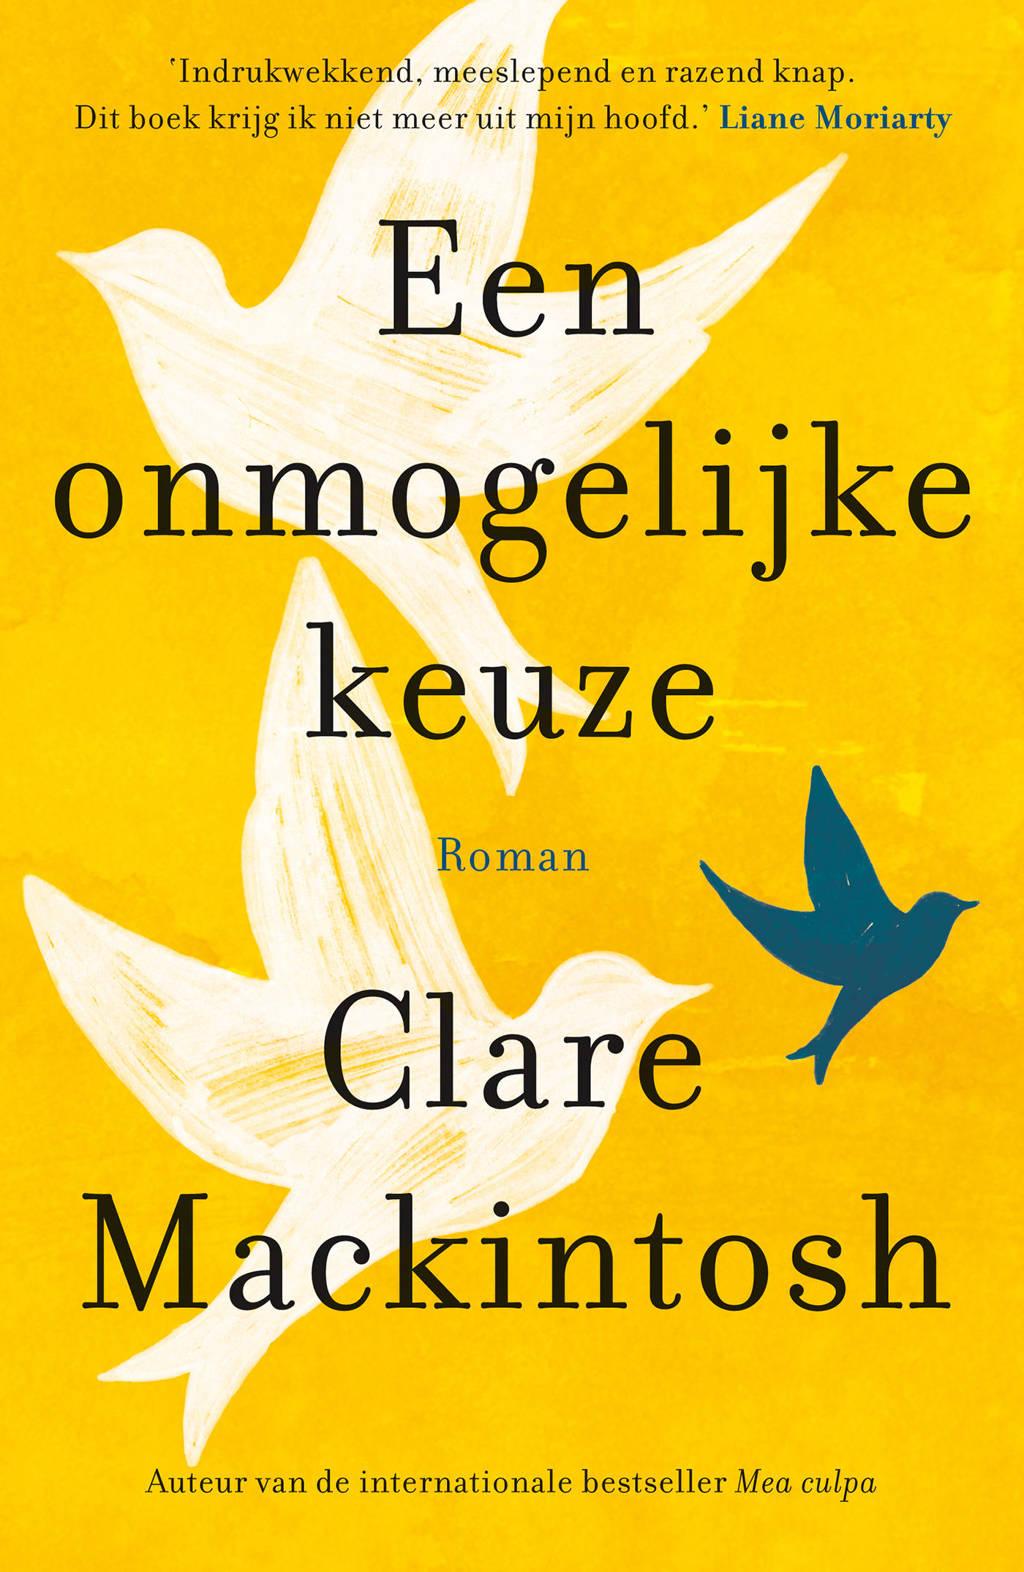 Een onmogelijke keuze - Clare Mackintosh